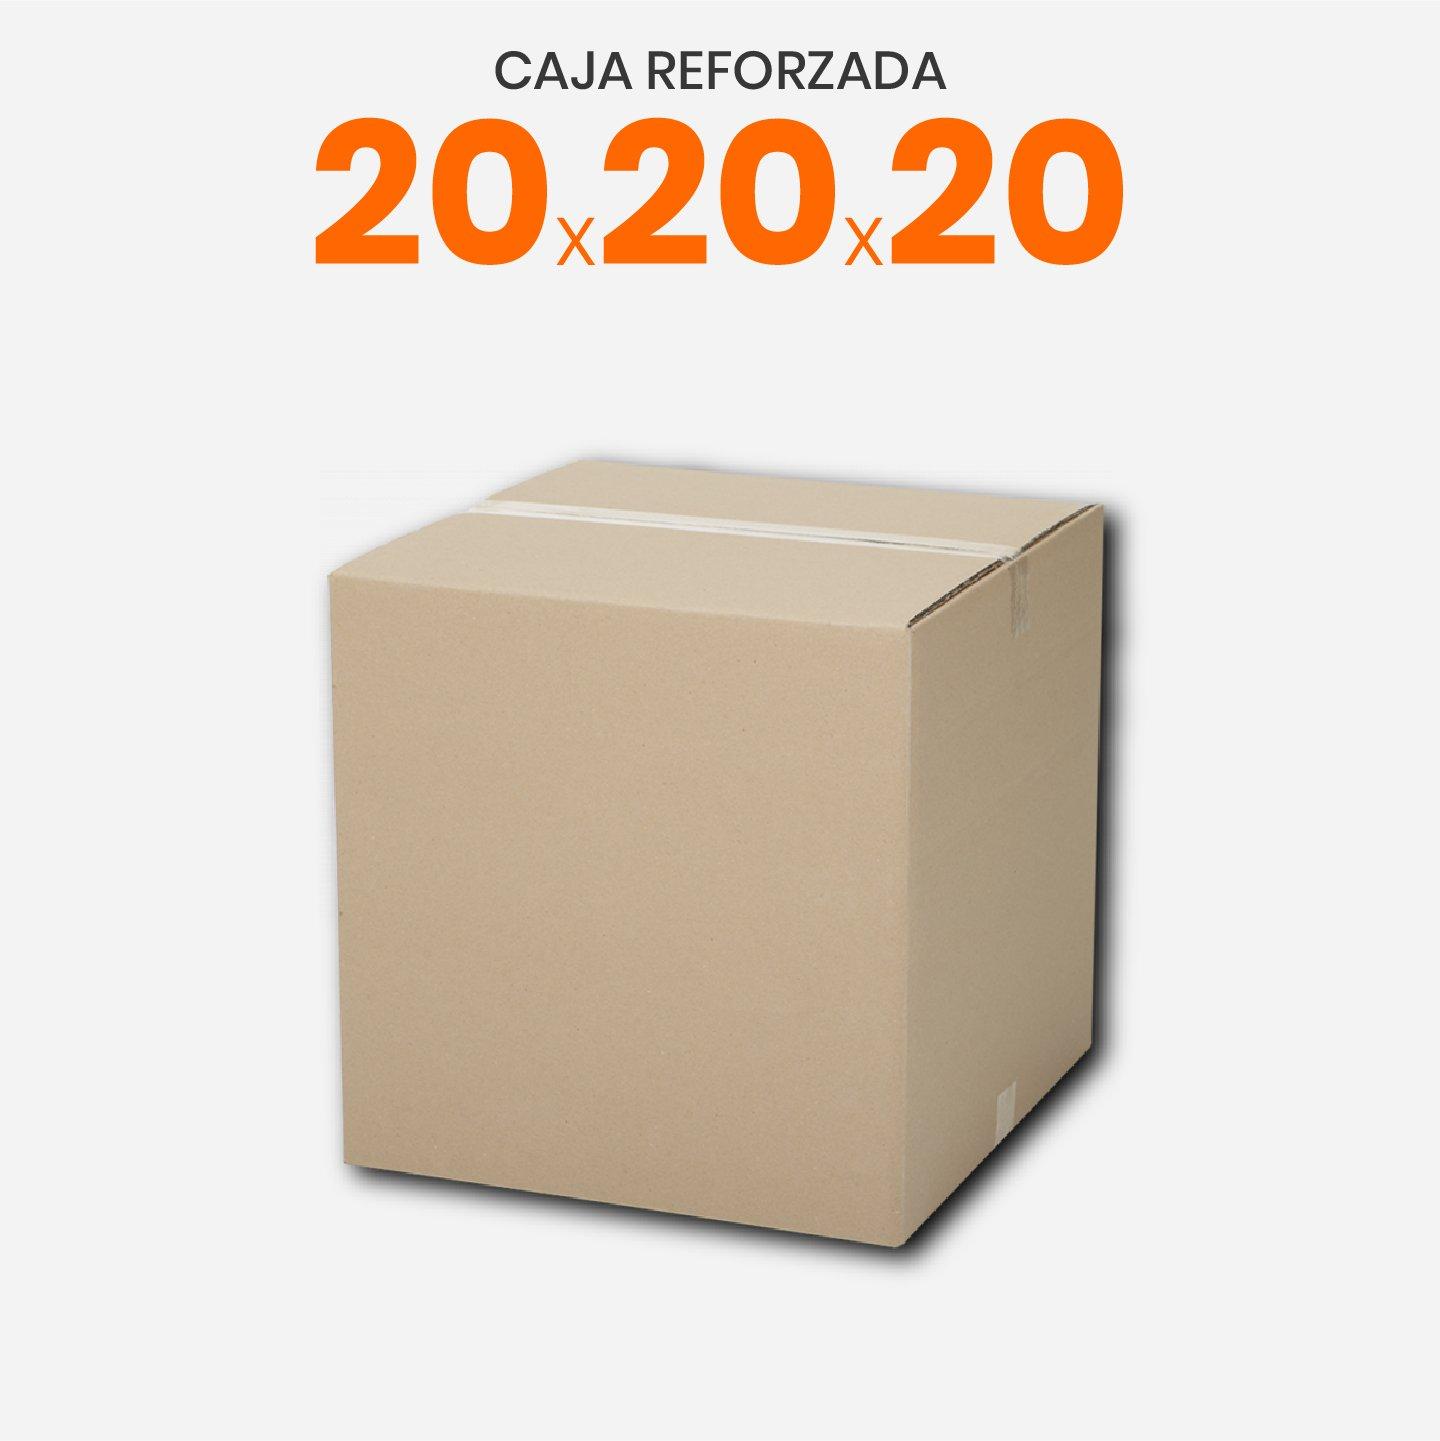 Caja De Cartón Corrugado Reforzada 20x20x20